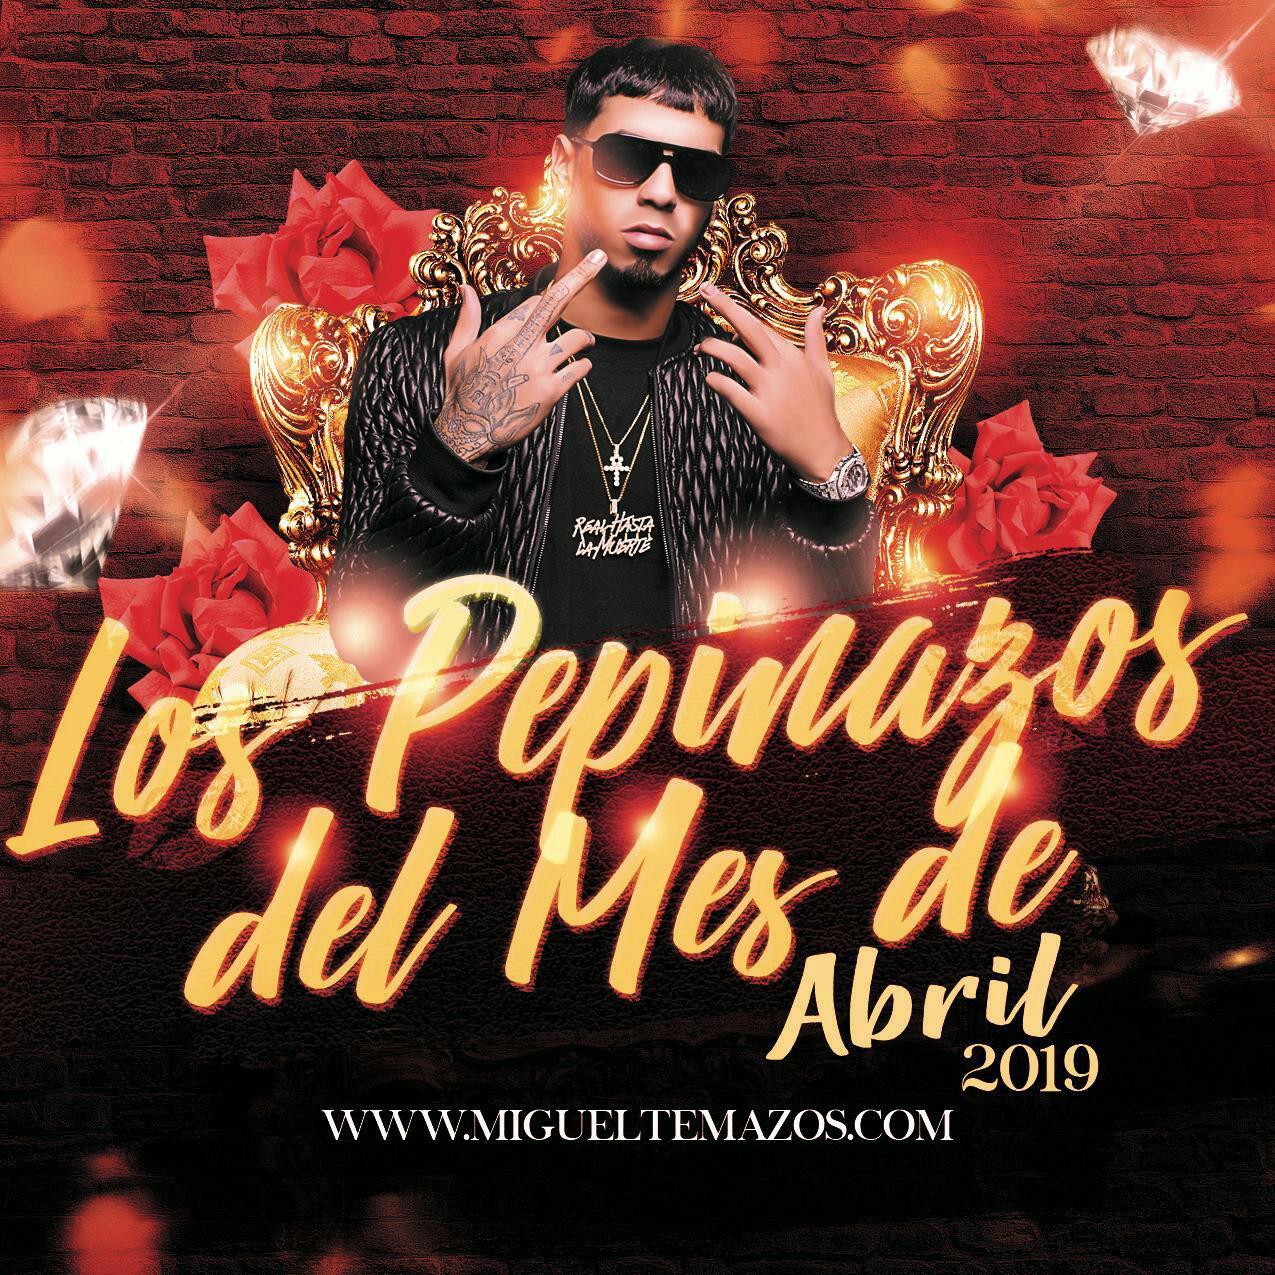 Los Pepinazos del Mes (Abril 2019)